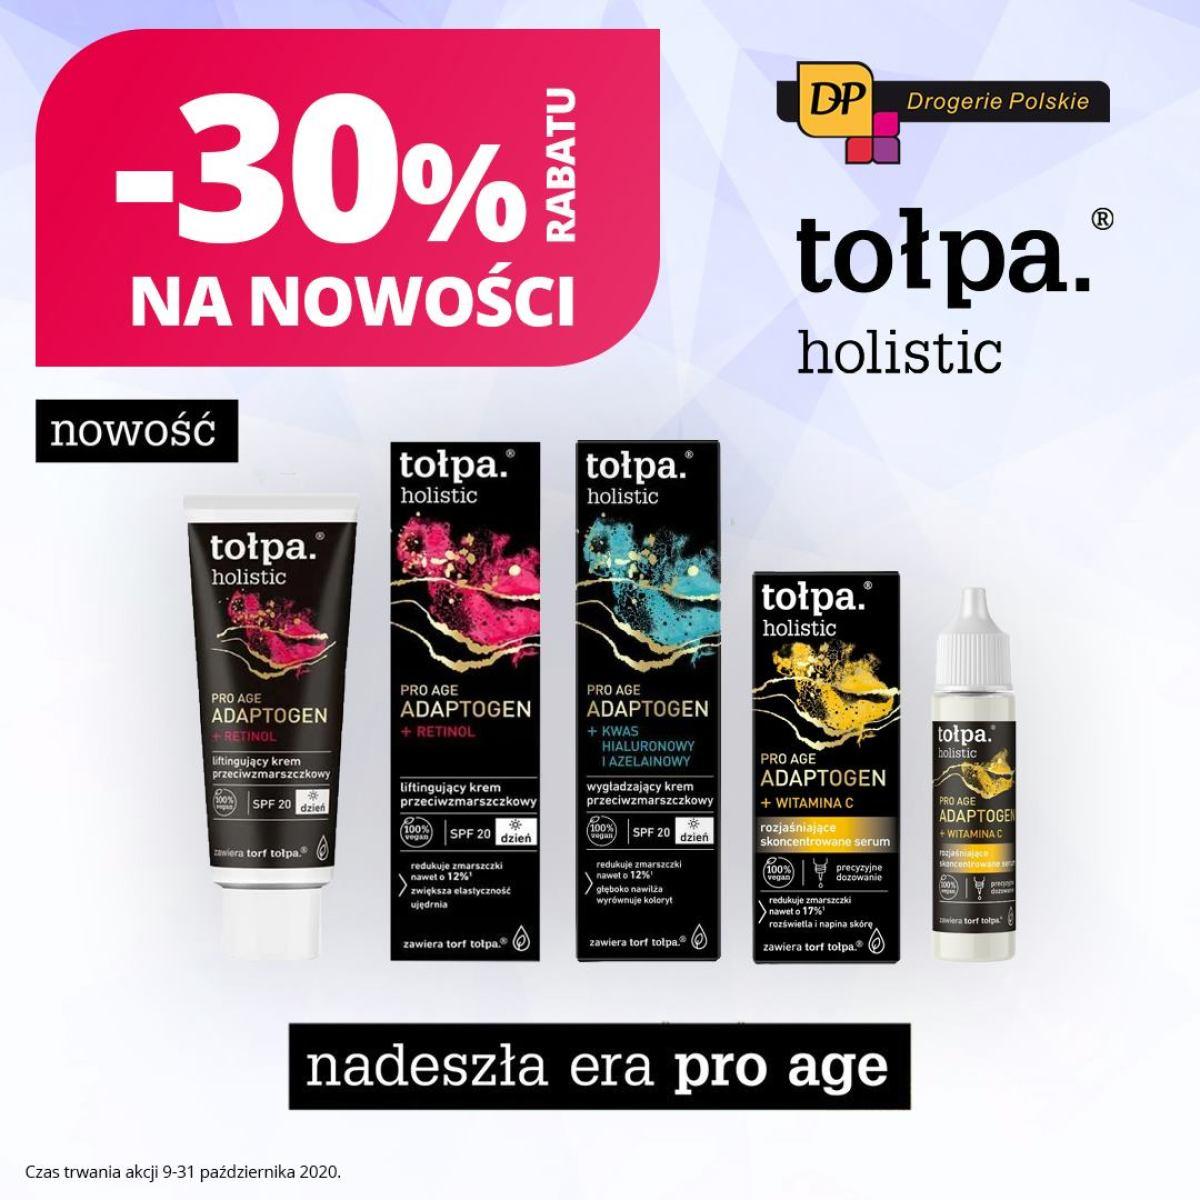 Gazetka Drogerie Polskie - -30% na nowość - tołpa